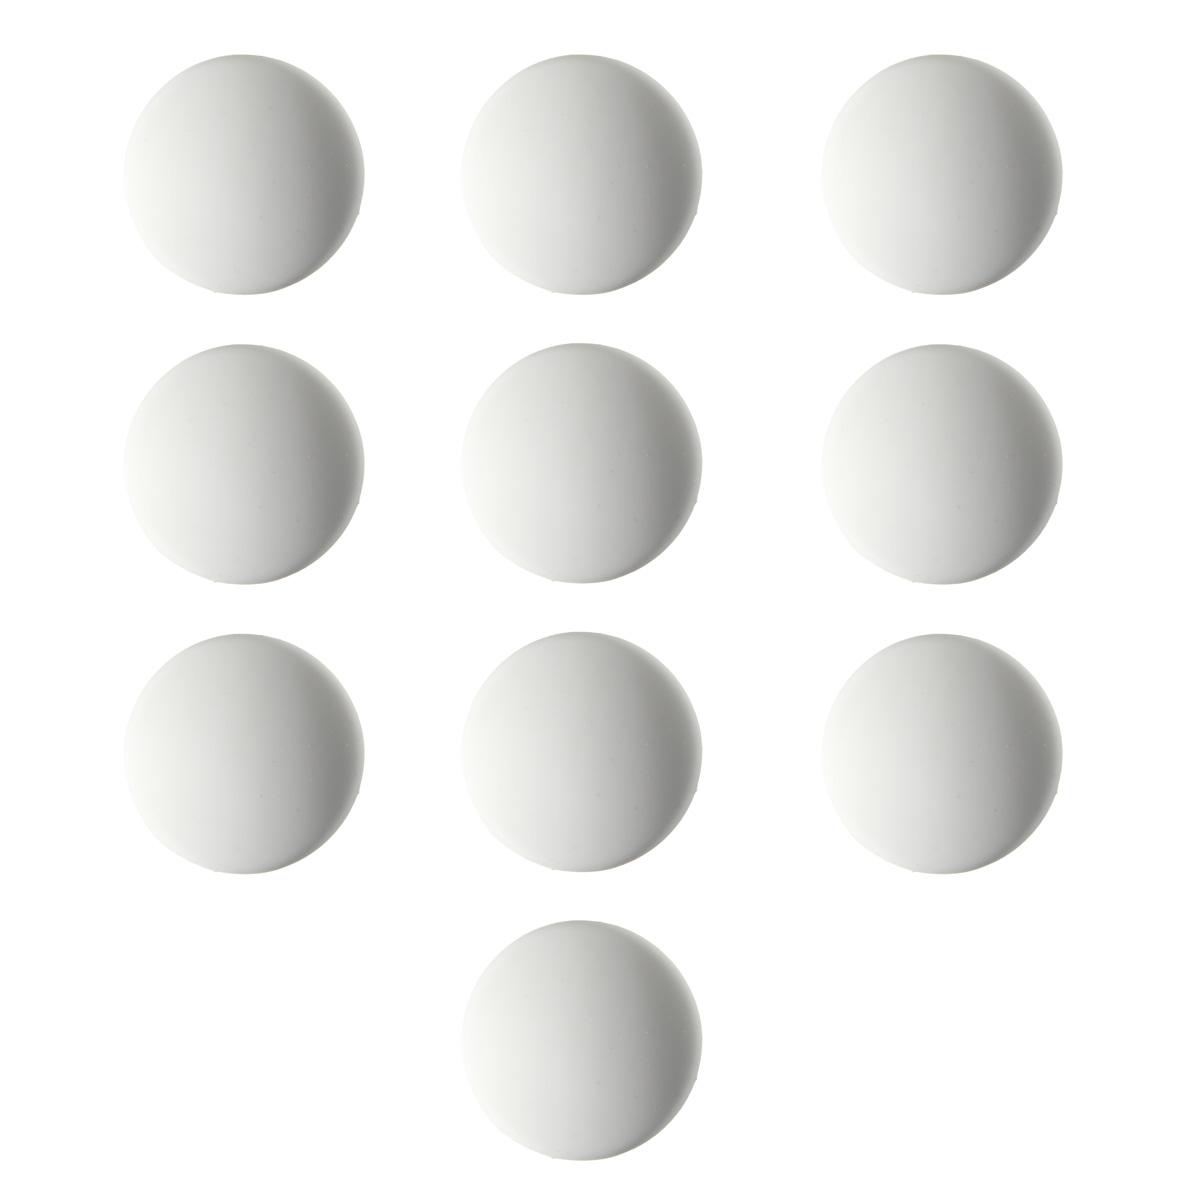 Rond 3,15 Pouce Blanc 4 Pi/èces Protecteurs Muraux en Silicone de Bouton de Porte Poign/ée de Porte Pare-Chocs Auto-Adh/ésif Bouton de Porte Arr/êt de Porte Garde de Mur en Caoutchouc